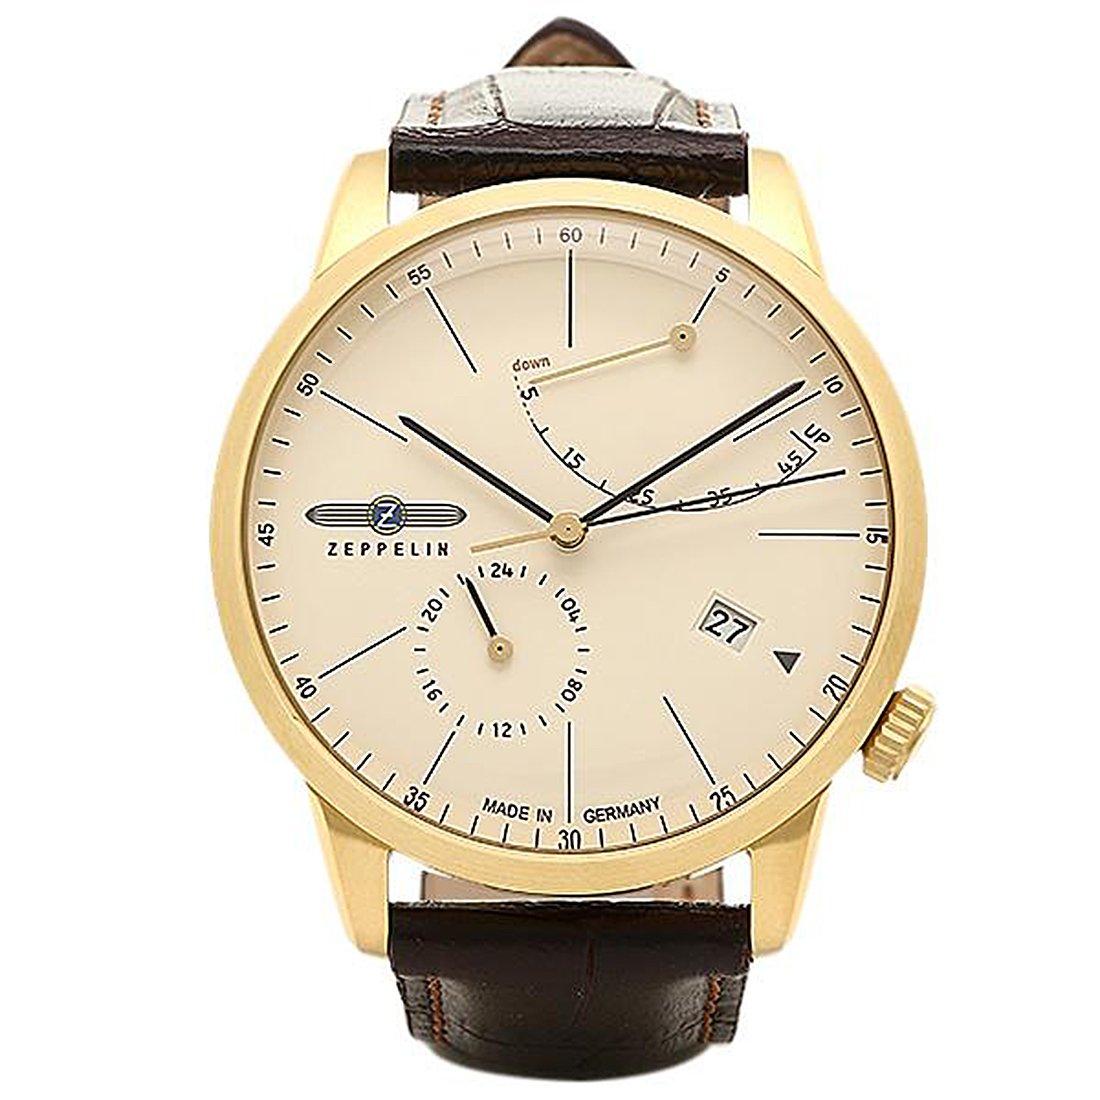 [ツェッペリン] 腕時計 ZEPPELIN 73685 ゴールド ブラウン [並行輸入品] B018TLZJFW